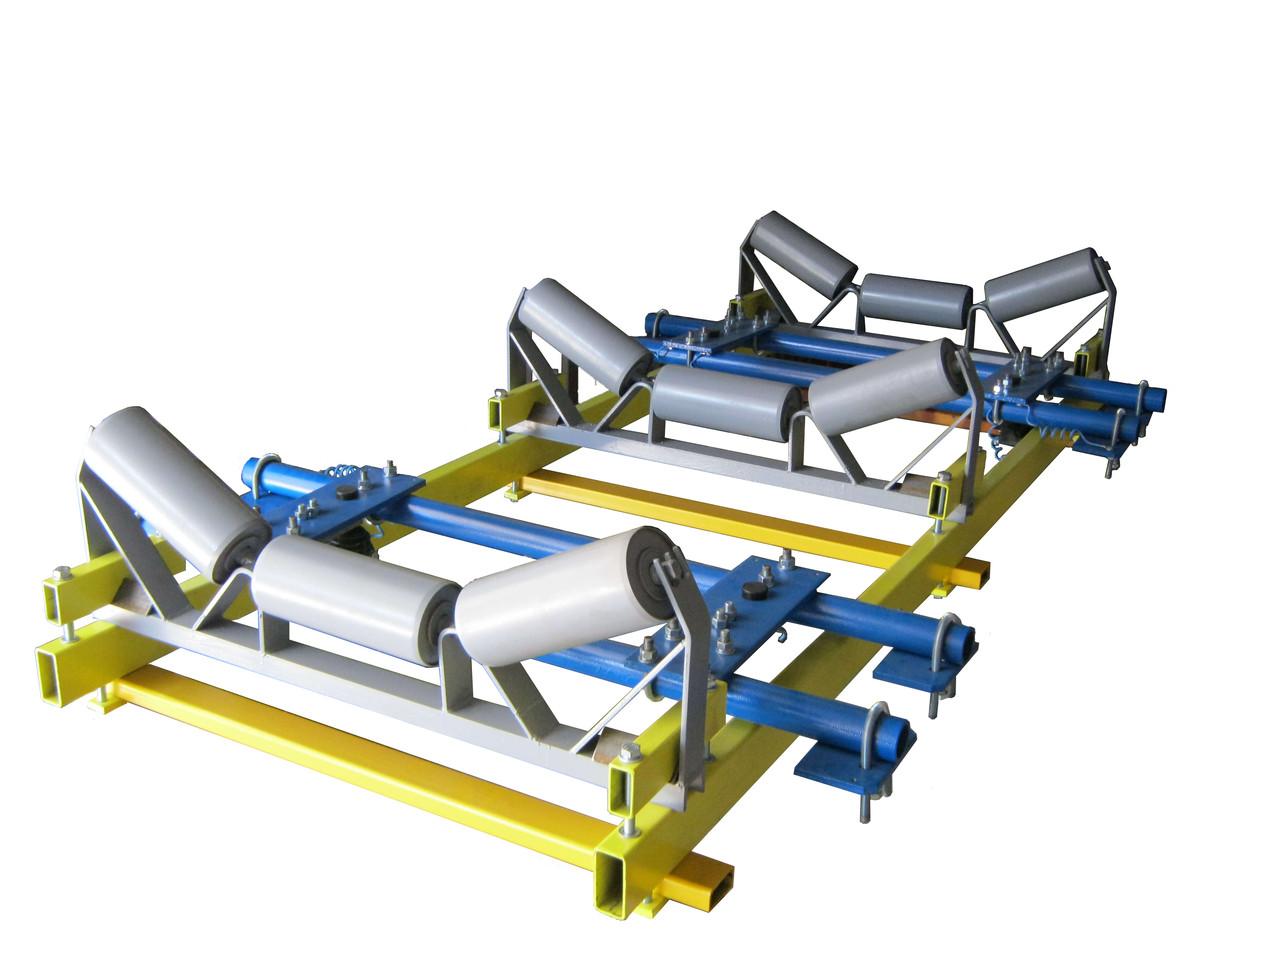 Ленточные транспортеры с весами купить бу фольксваген транспортер на авито в ярославле и